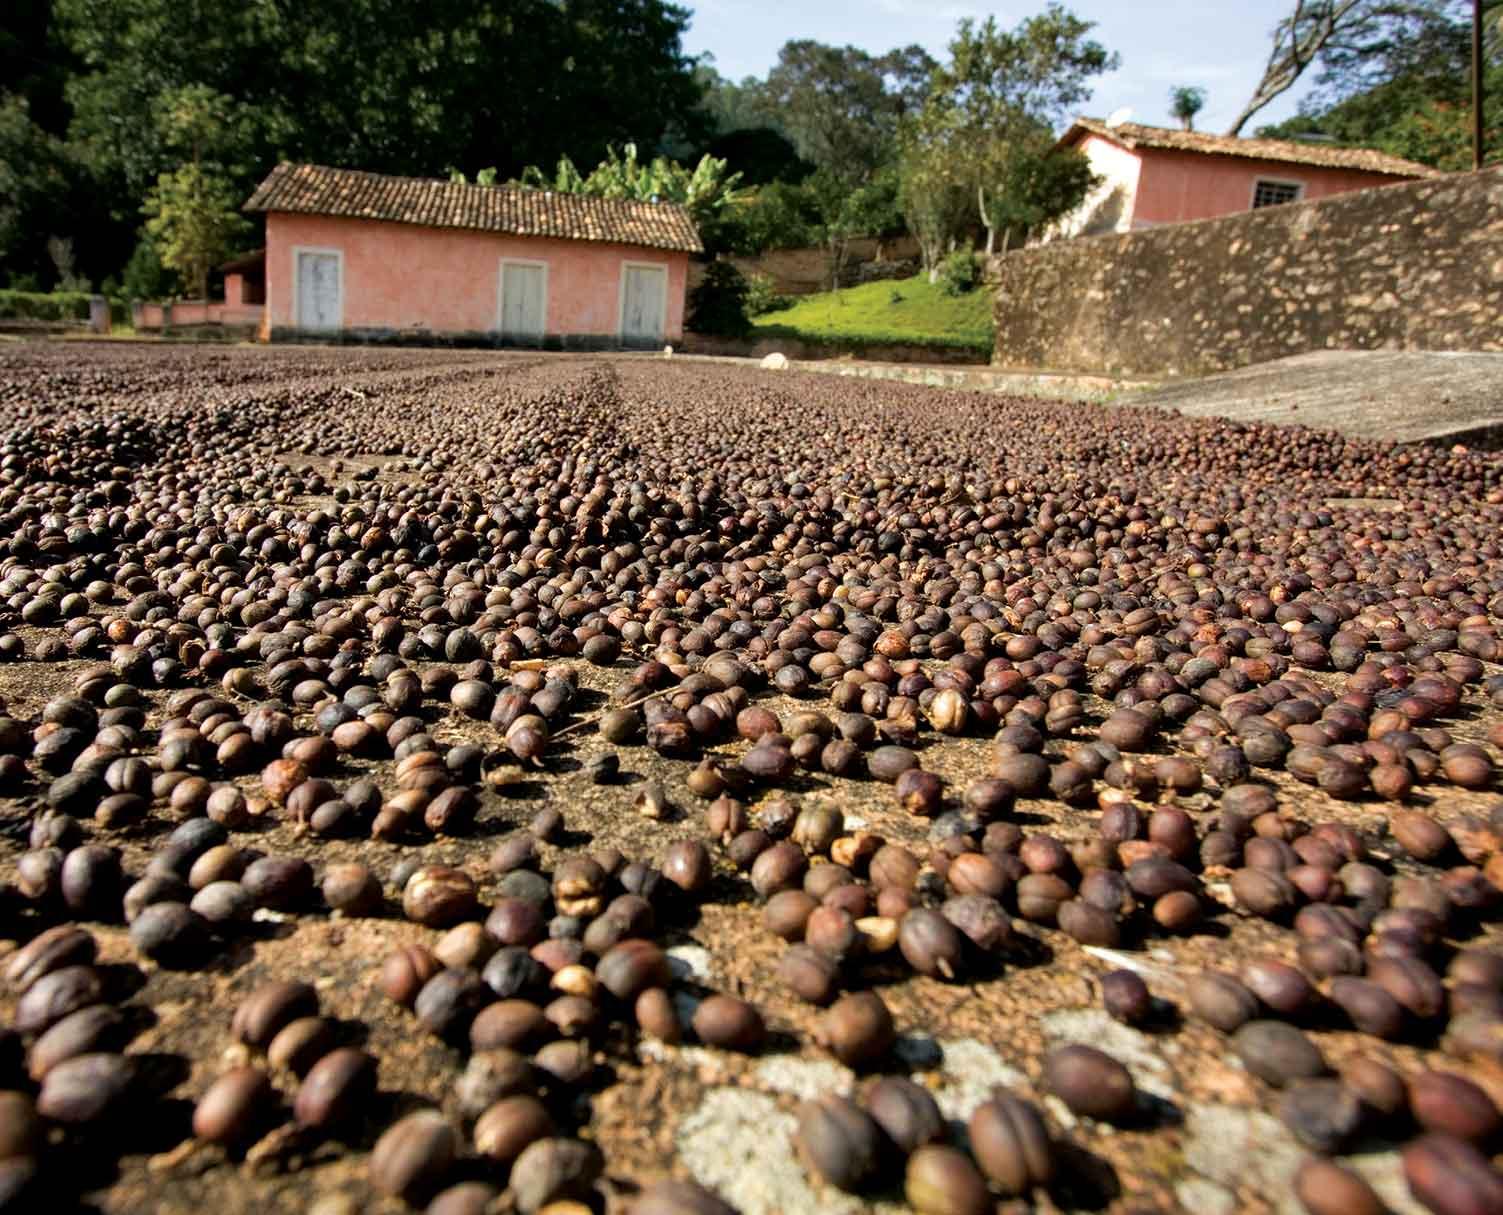 Atibaia-historia-fazenda-terreiro-secagem-cafe-bx